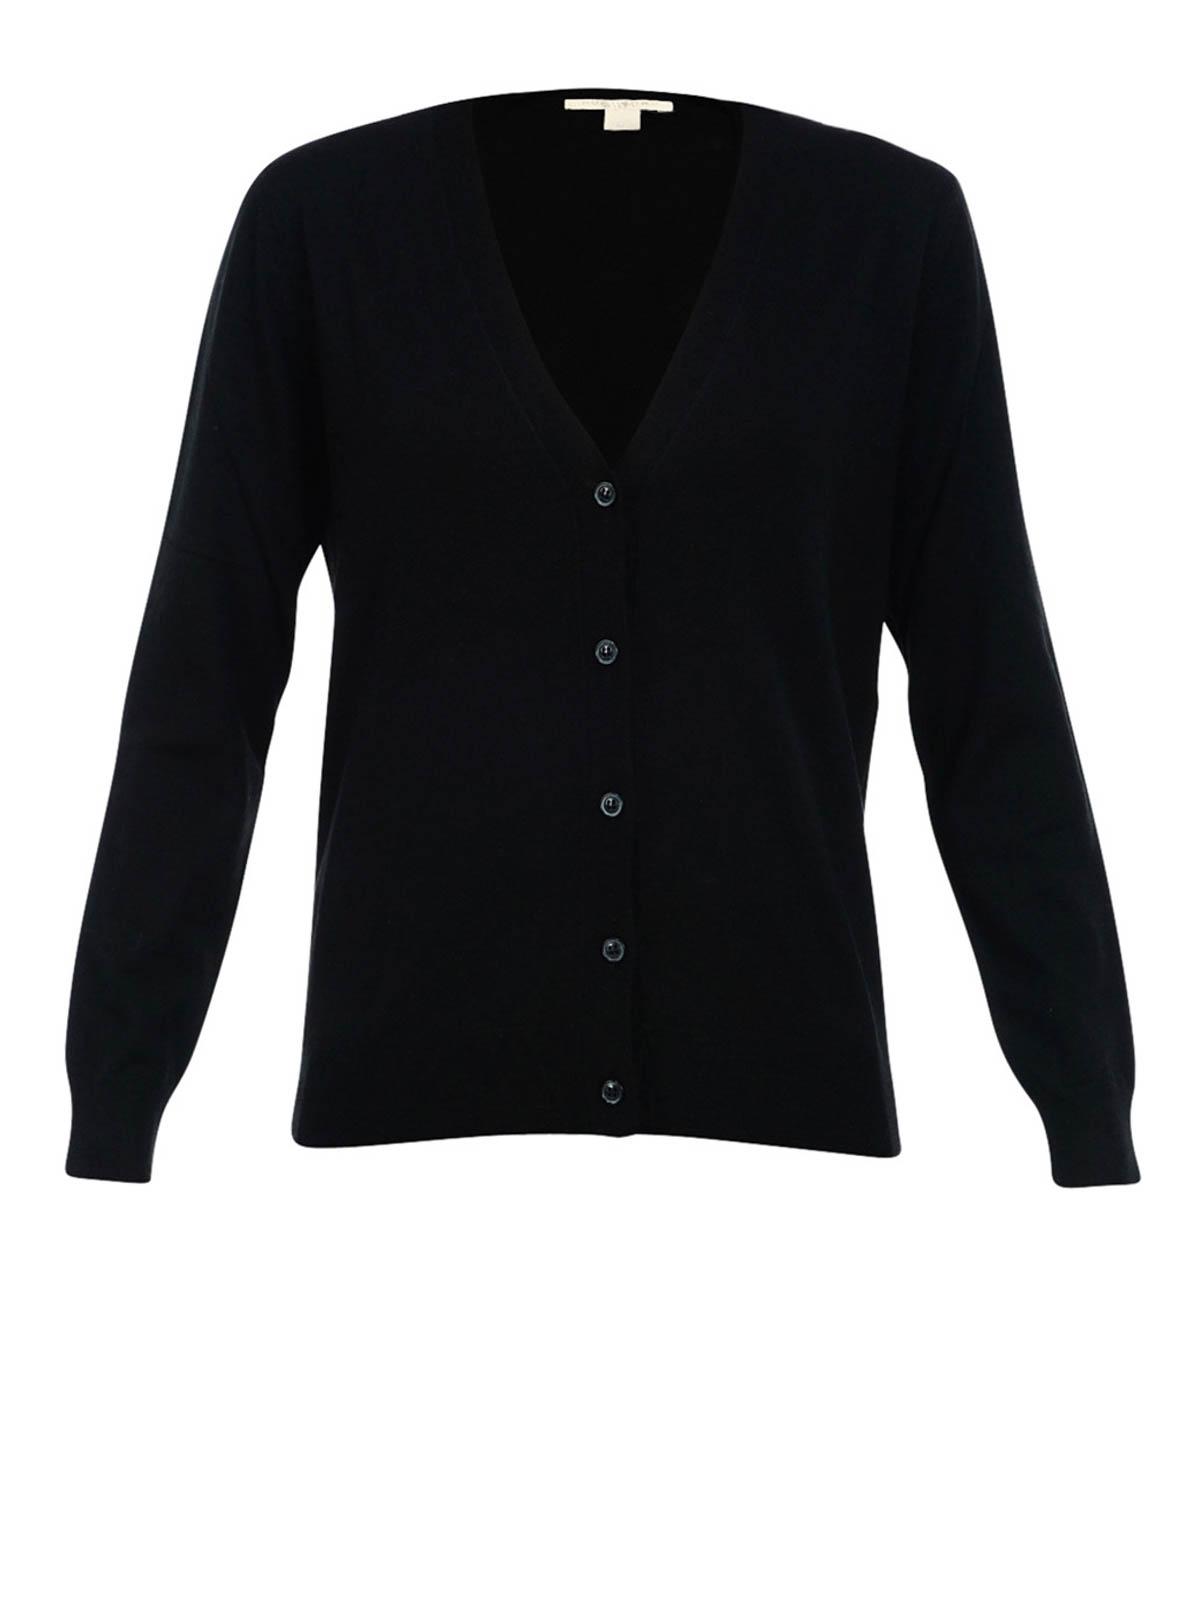 fd214345e92bf Burberry - Cardigan Noir Pour Femme - Cardigans - 40038411   iKRIX.com